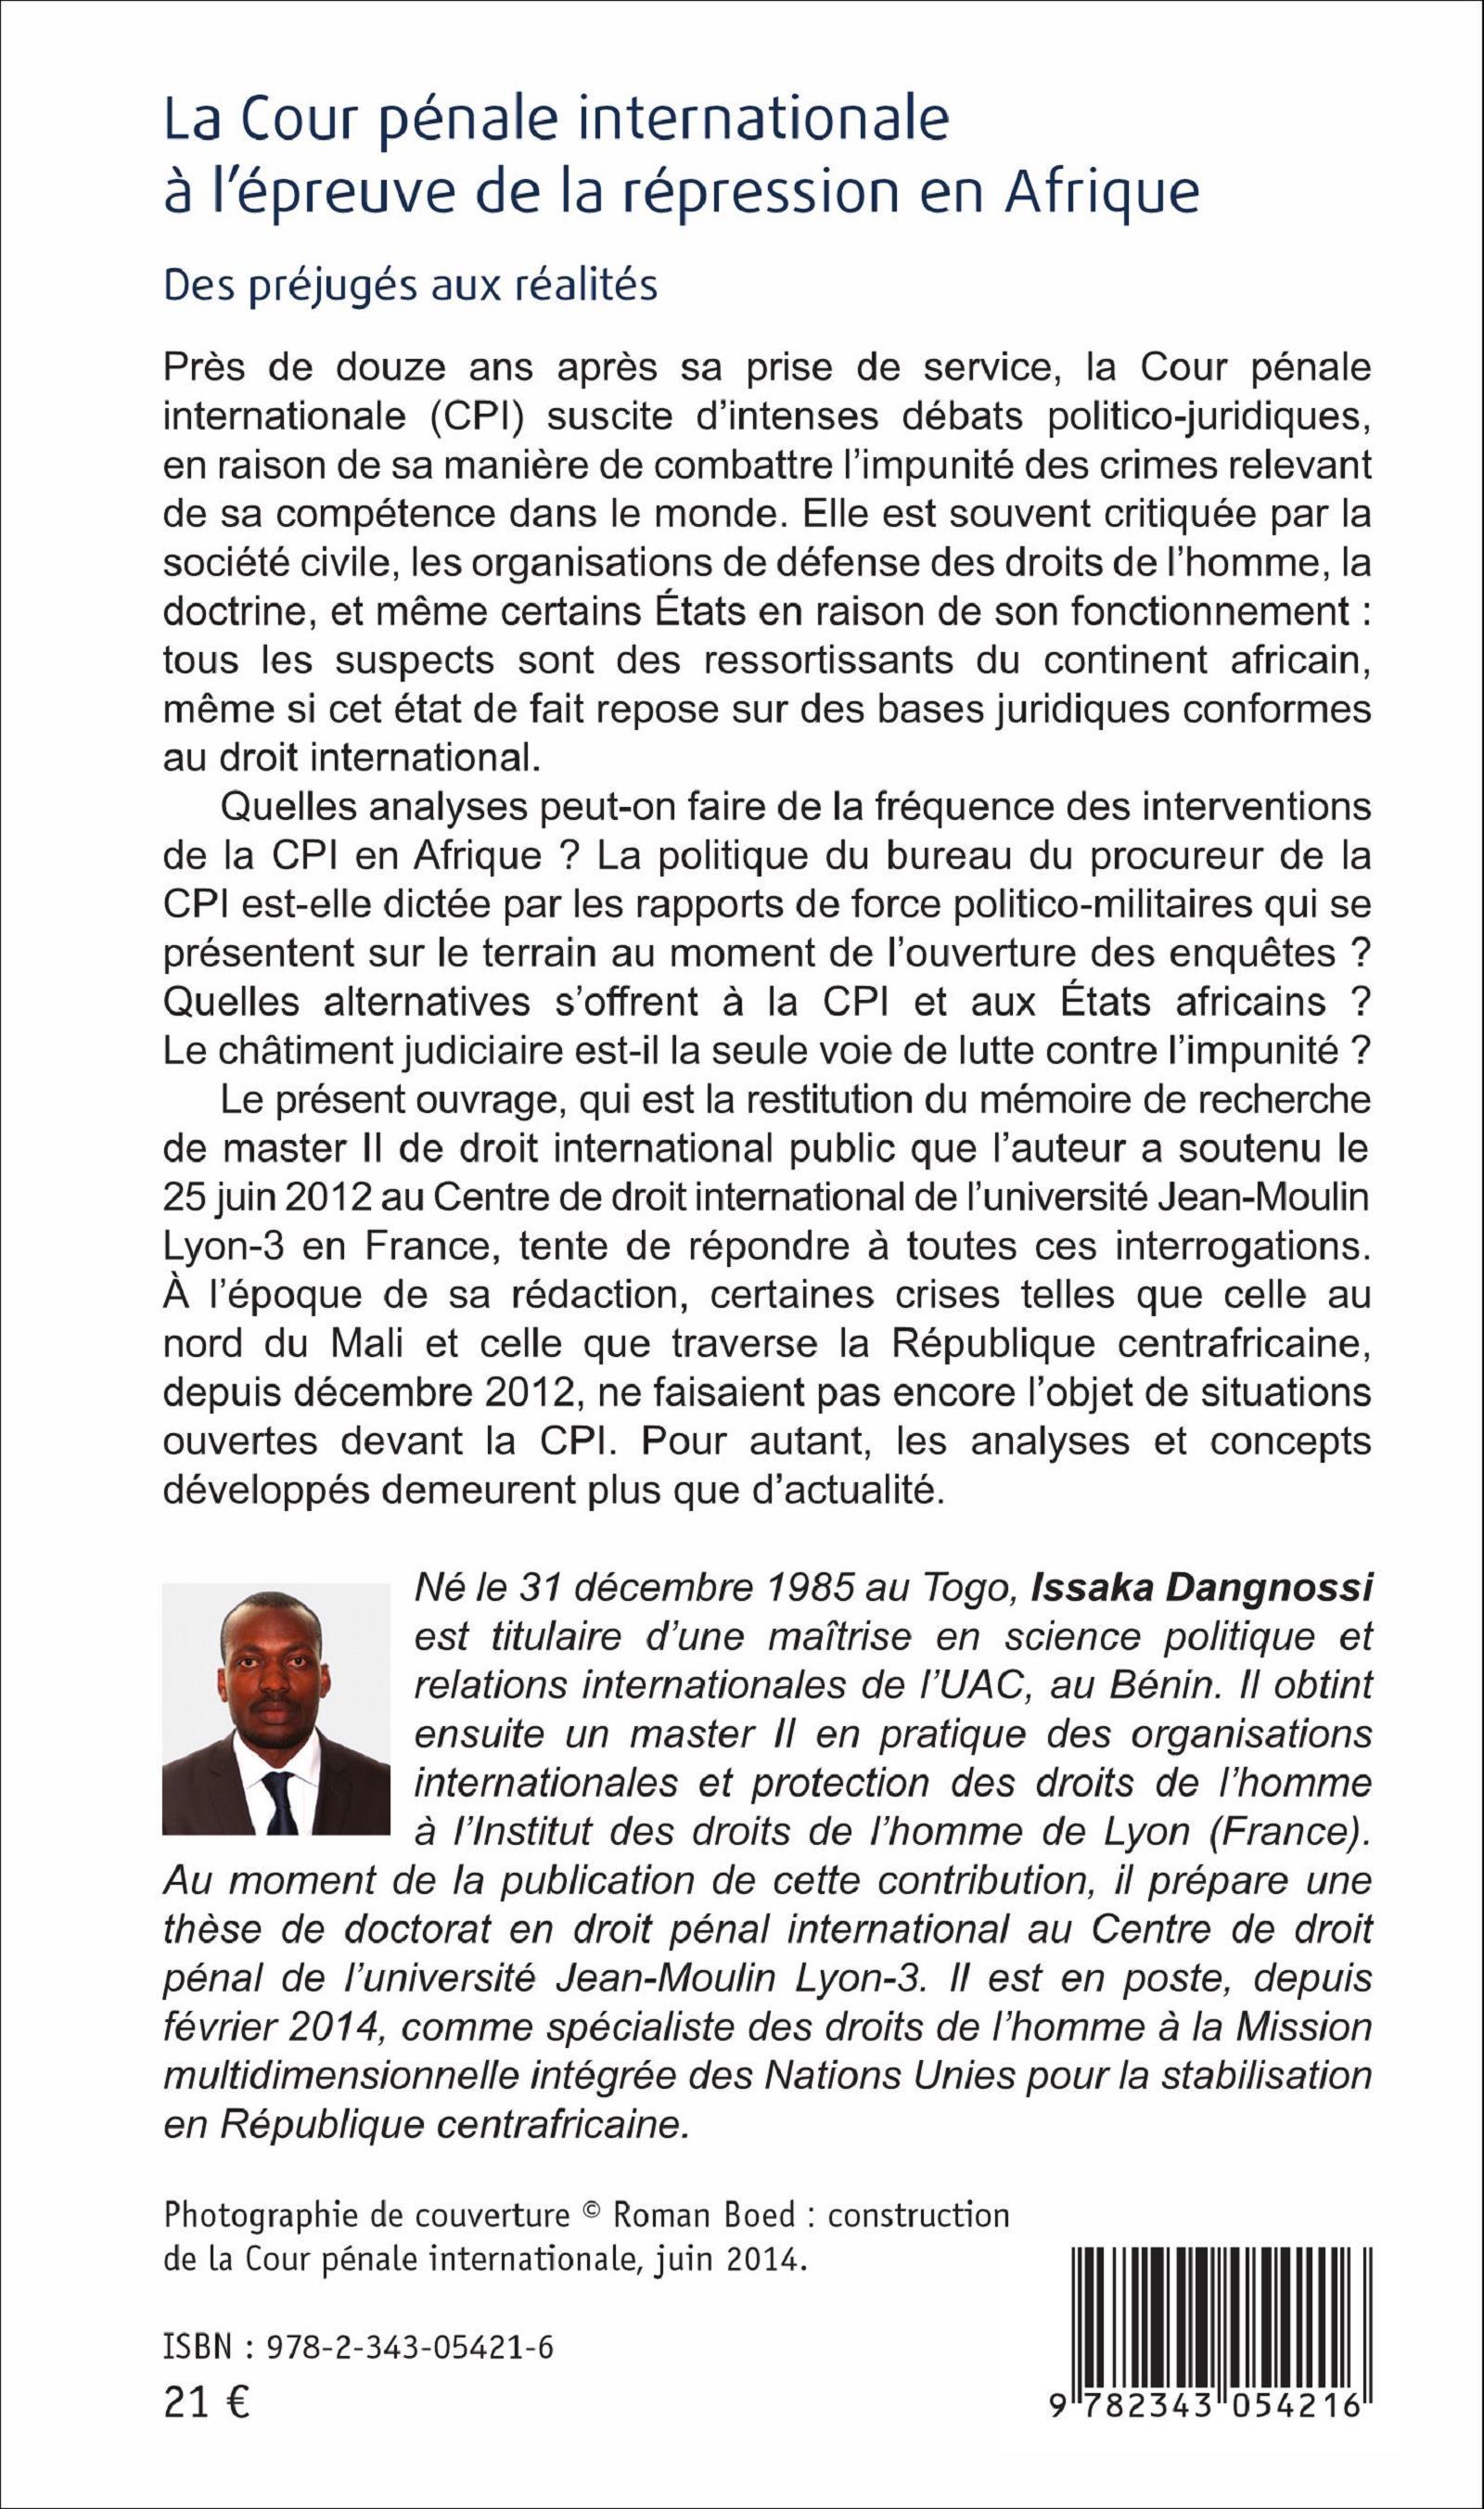 La cour p nale internationale l 39 preuve de la r pression en afrique des pr jug s aux - Bureau des relations internationales ...